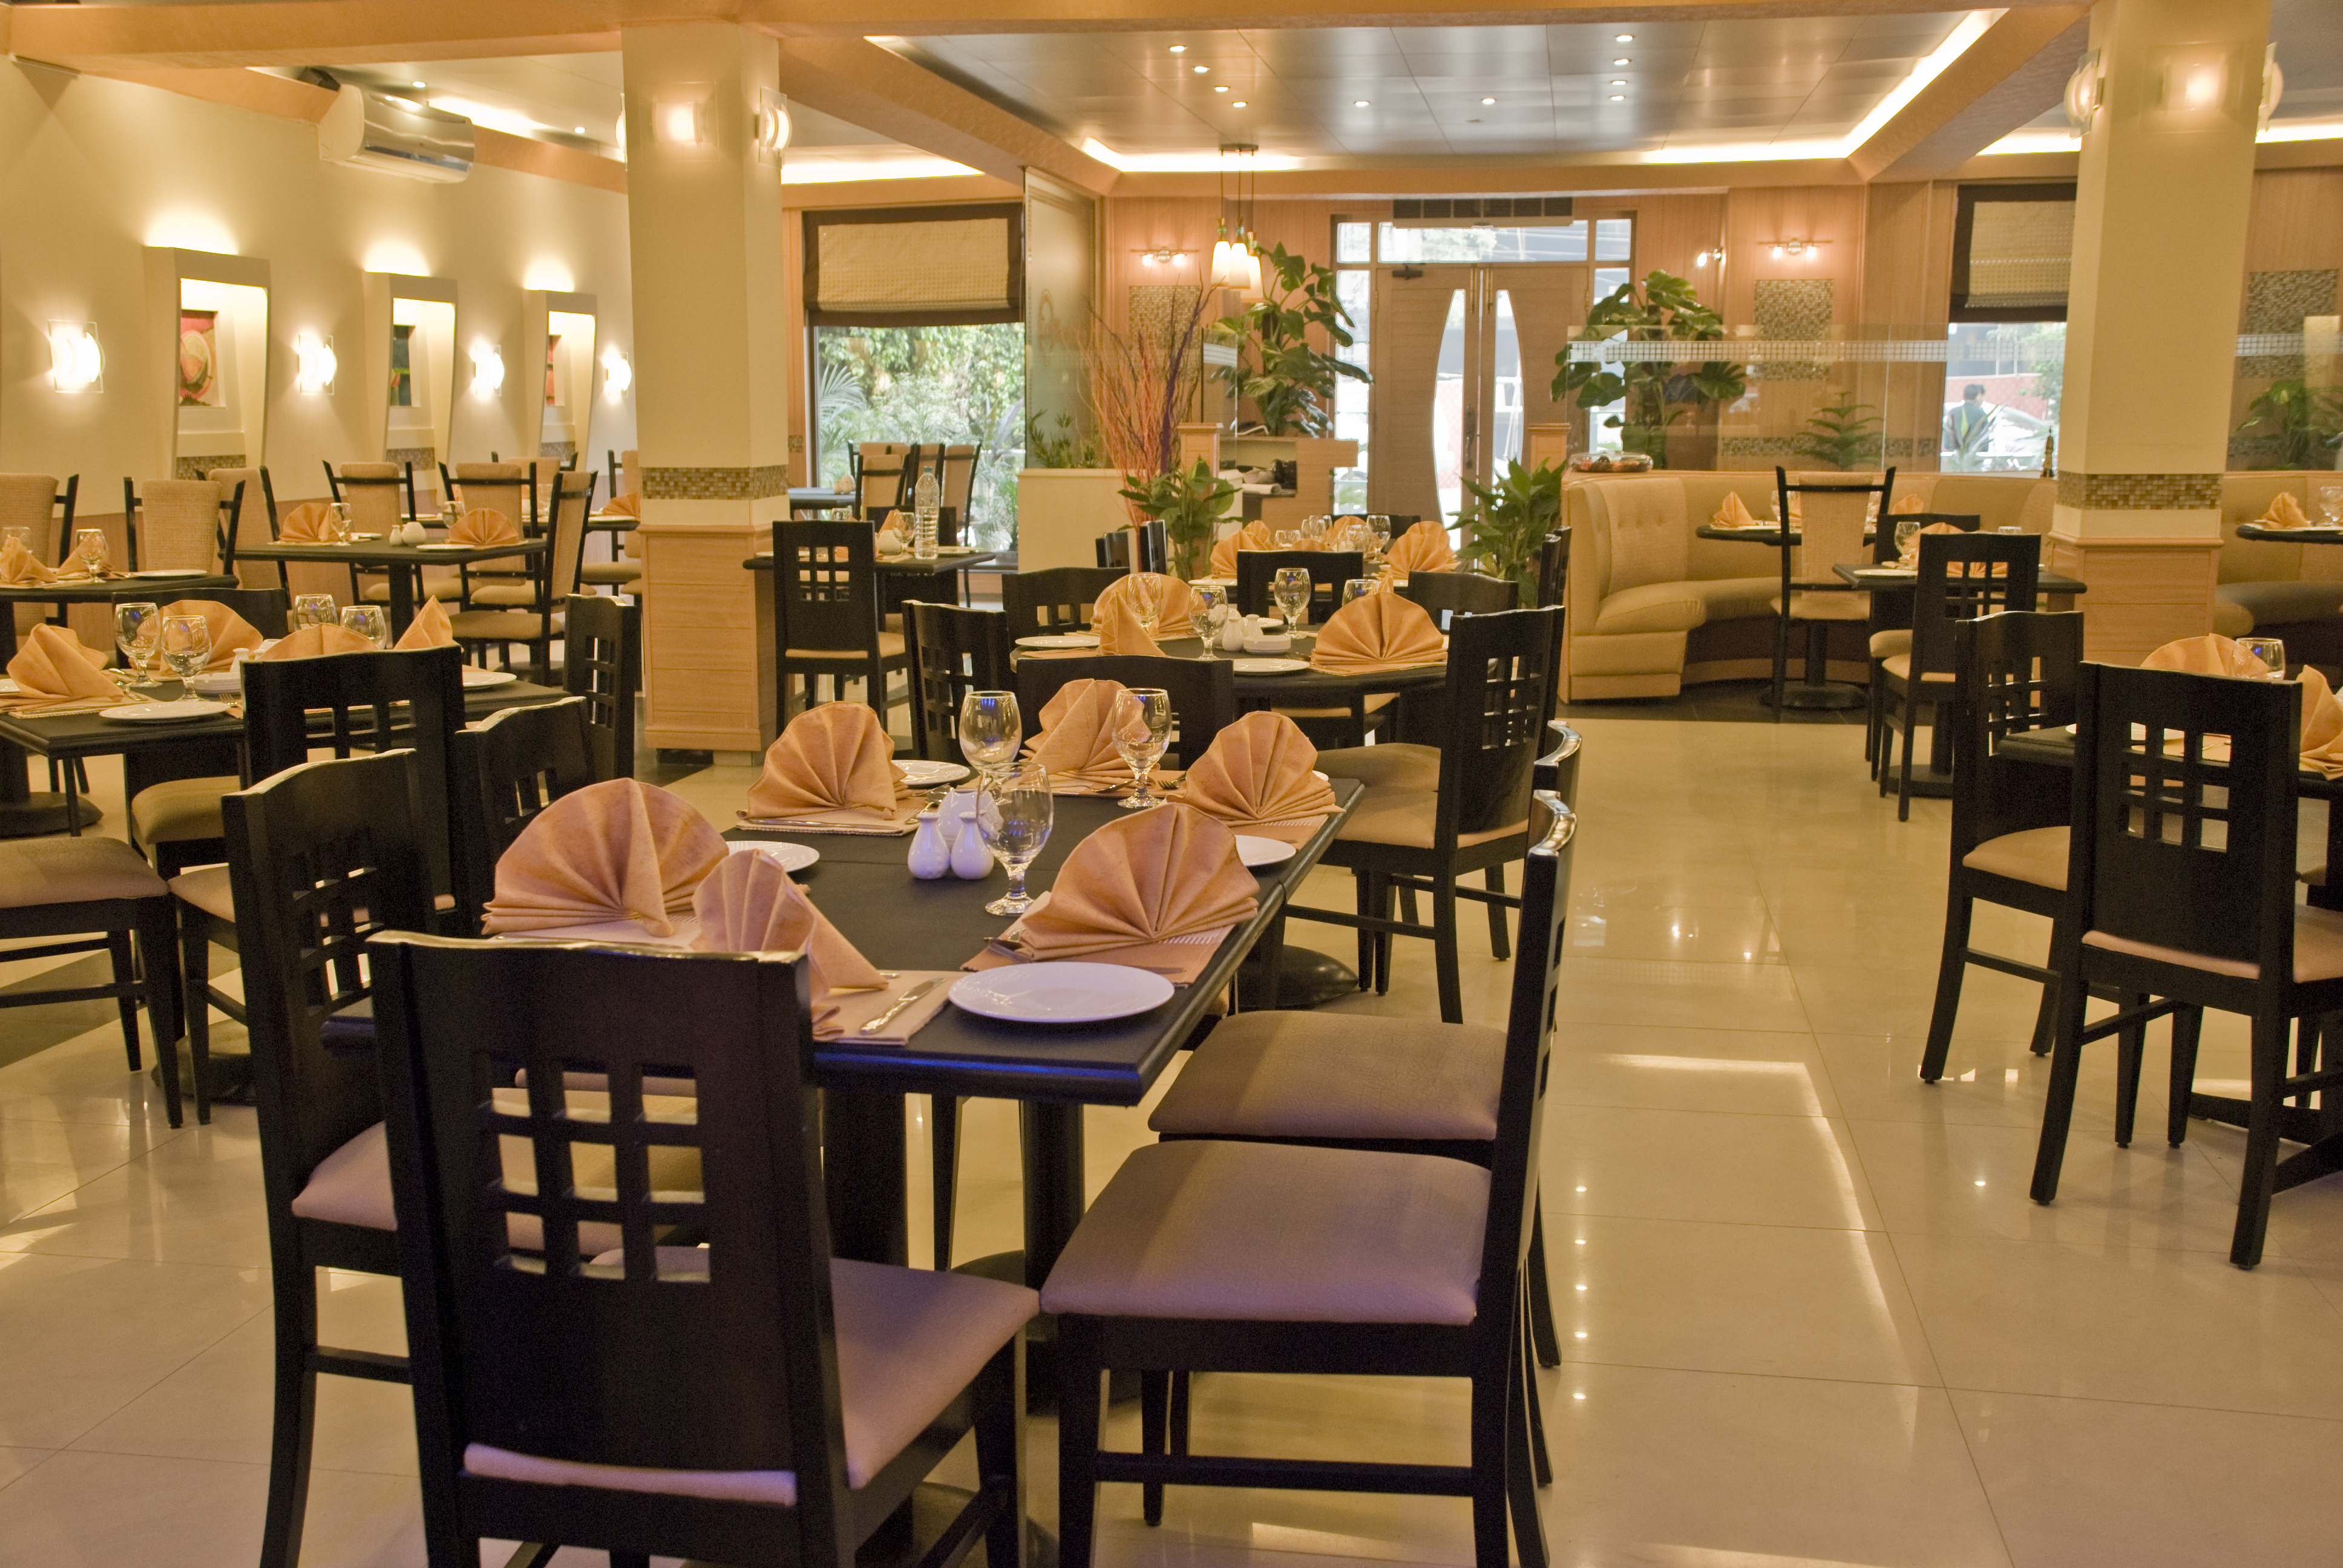 restorani-bari-kafe-0002